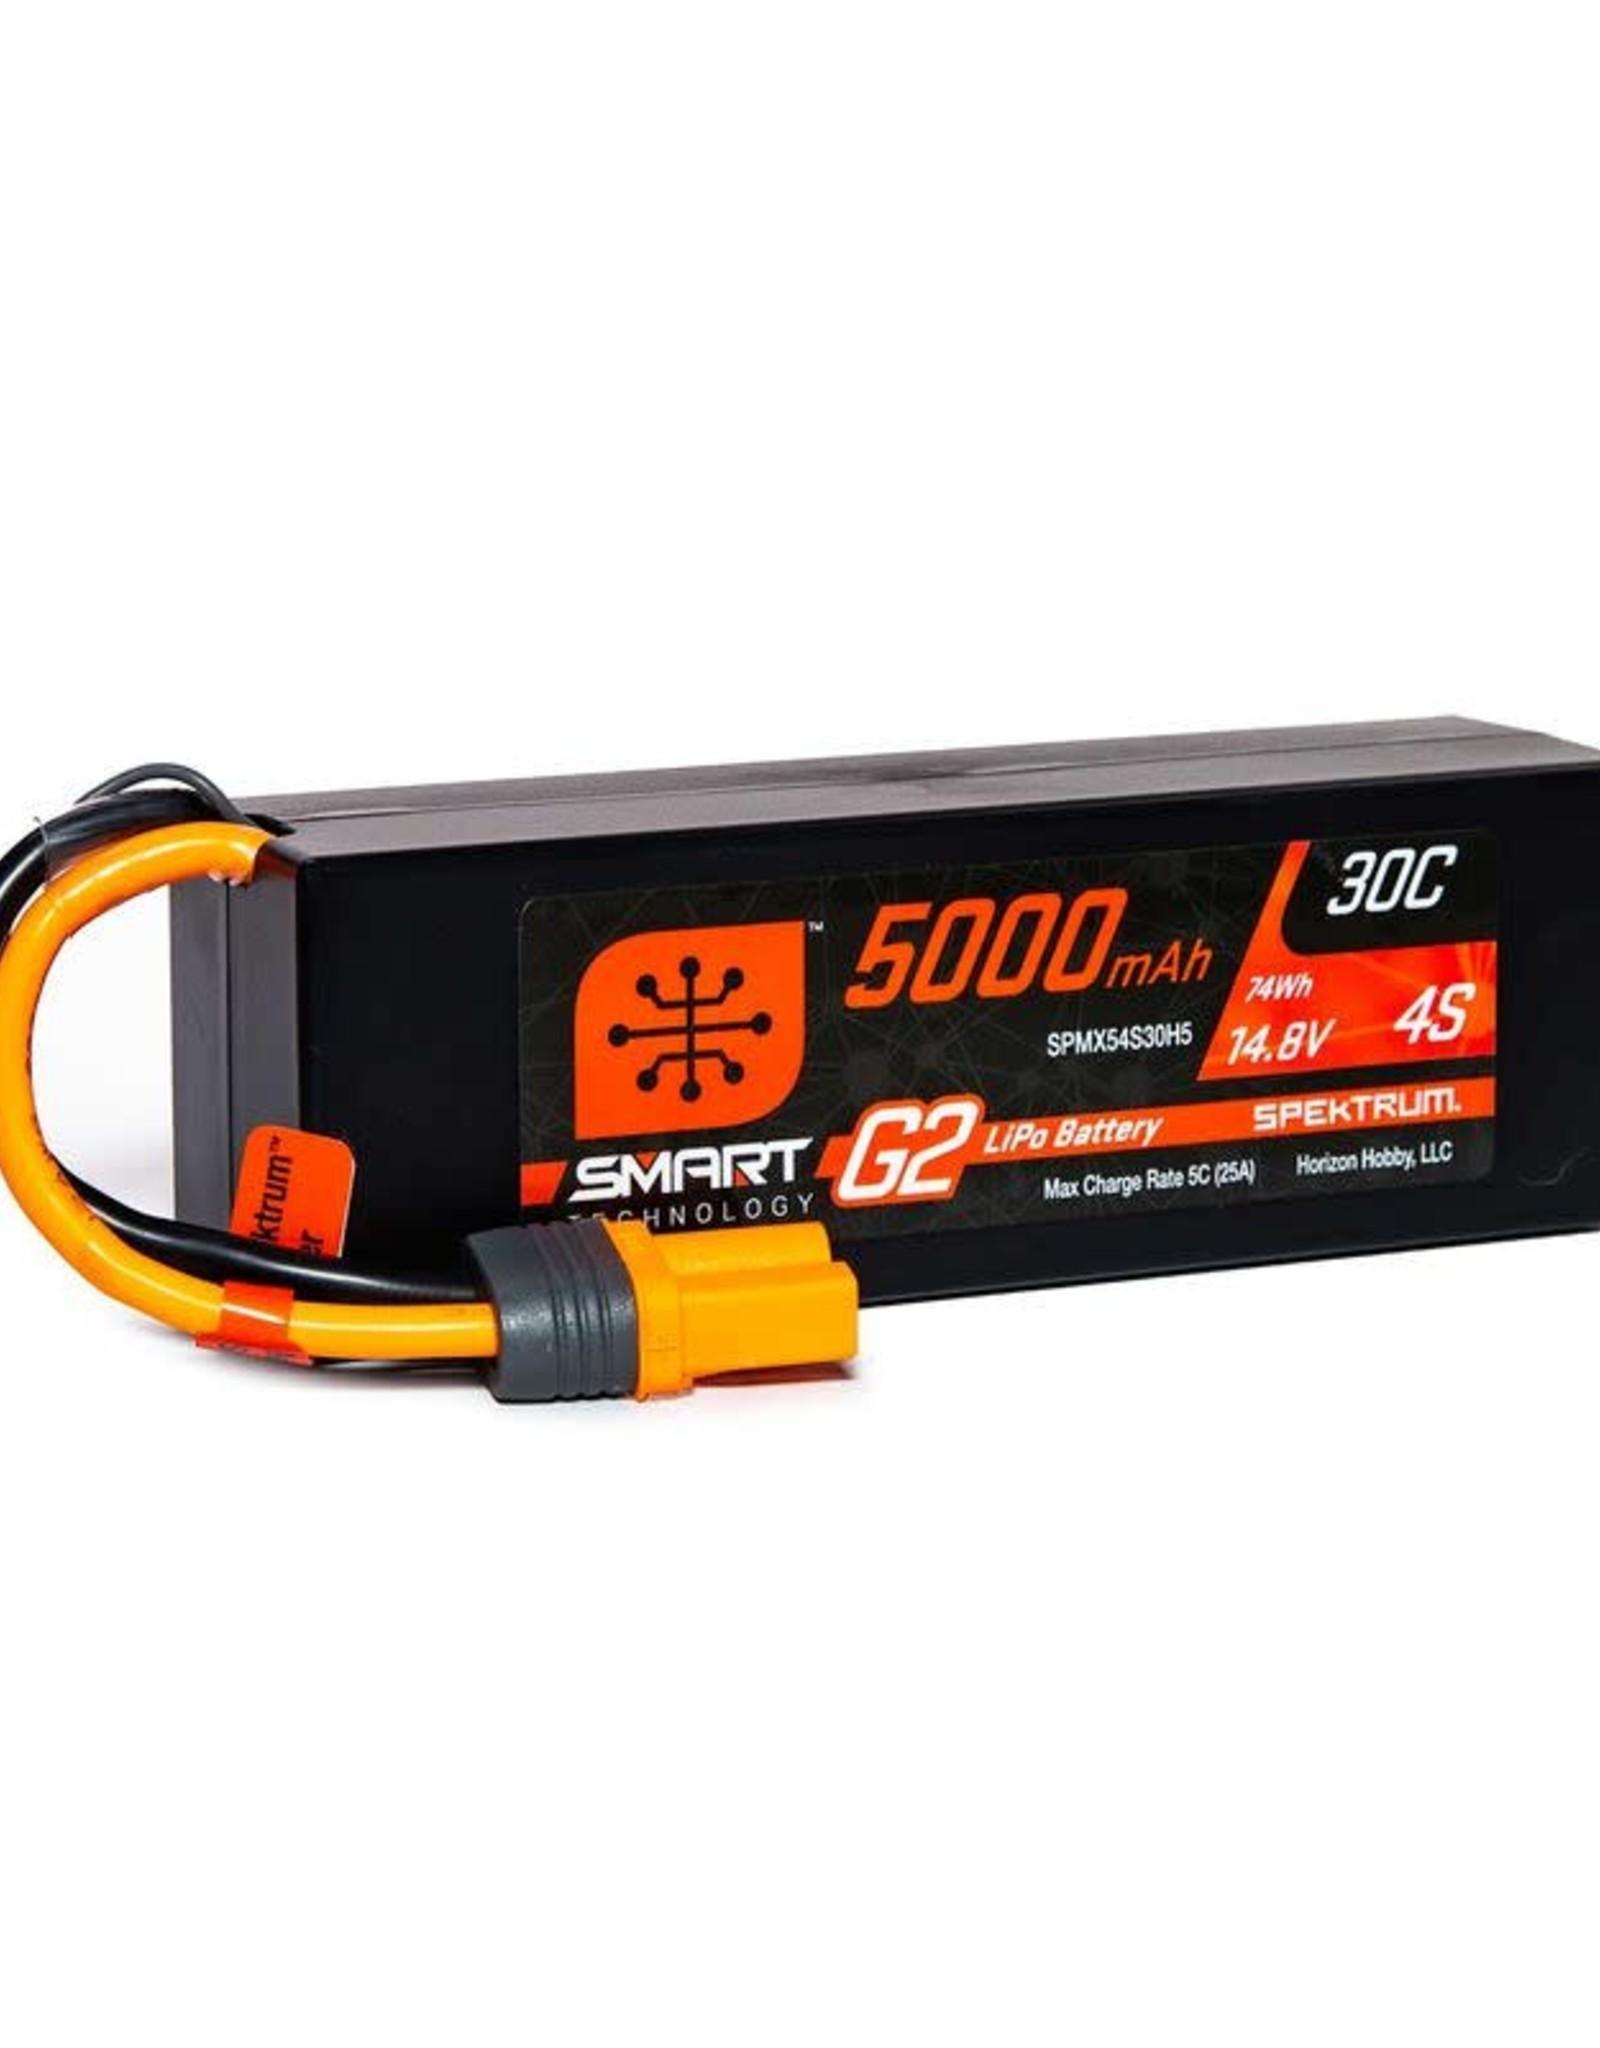 spektrum SPMX54S30H5 14.8V 5000mAh 4S 30C Smart LiPo G2 Hard Case: IC5